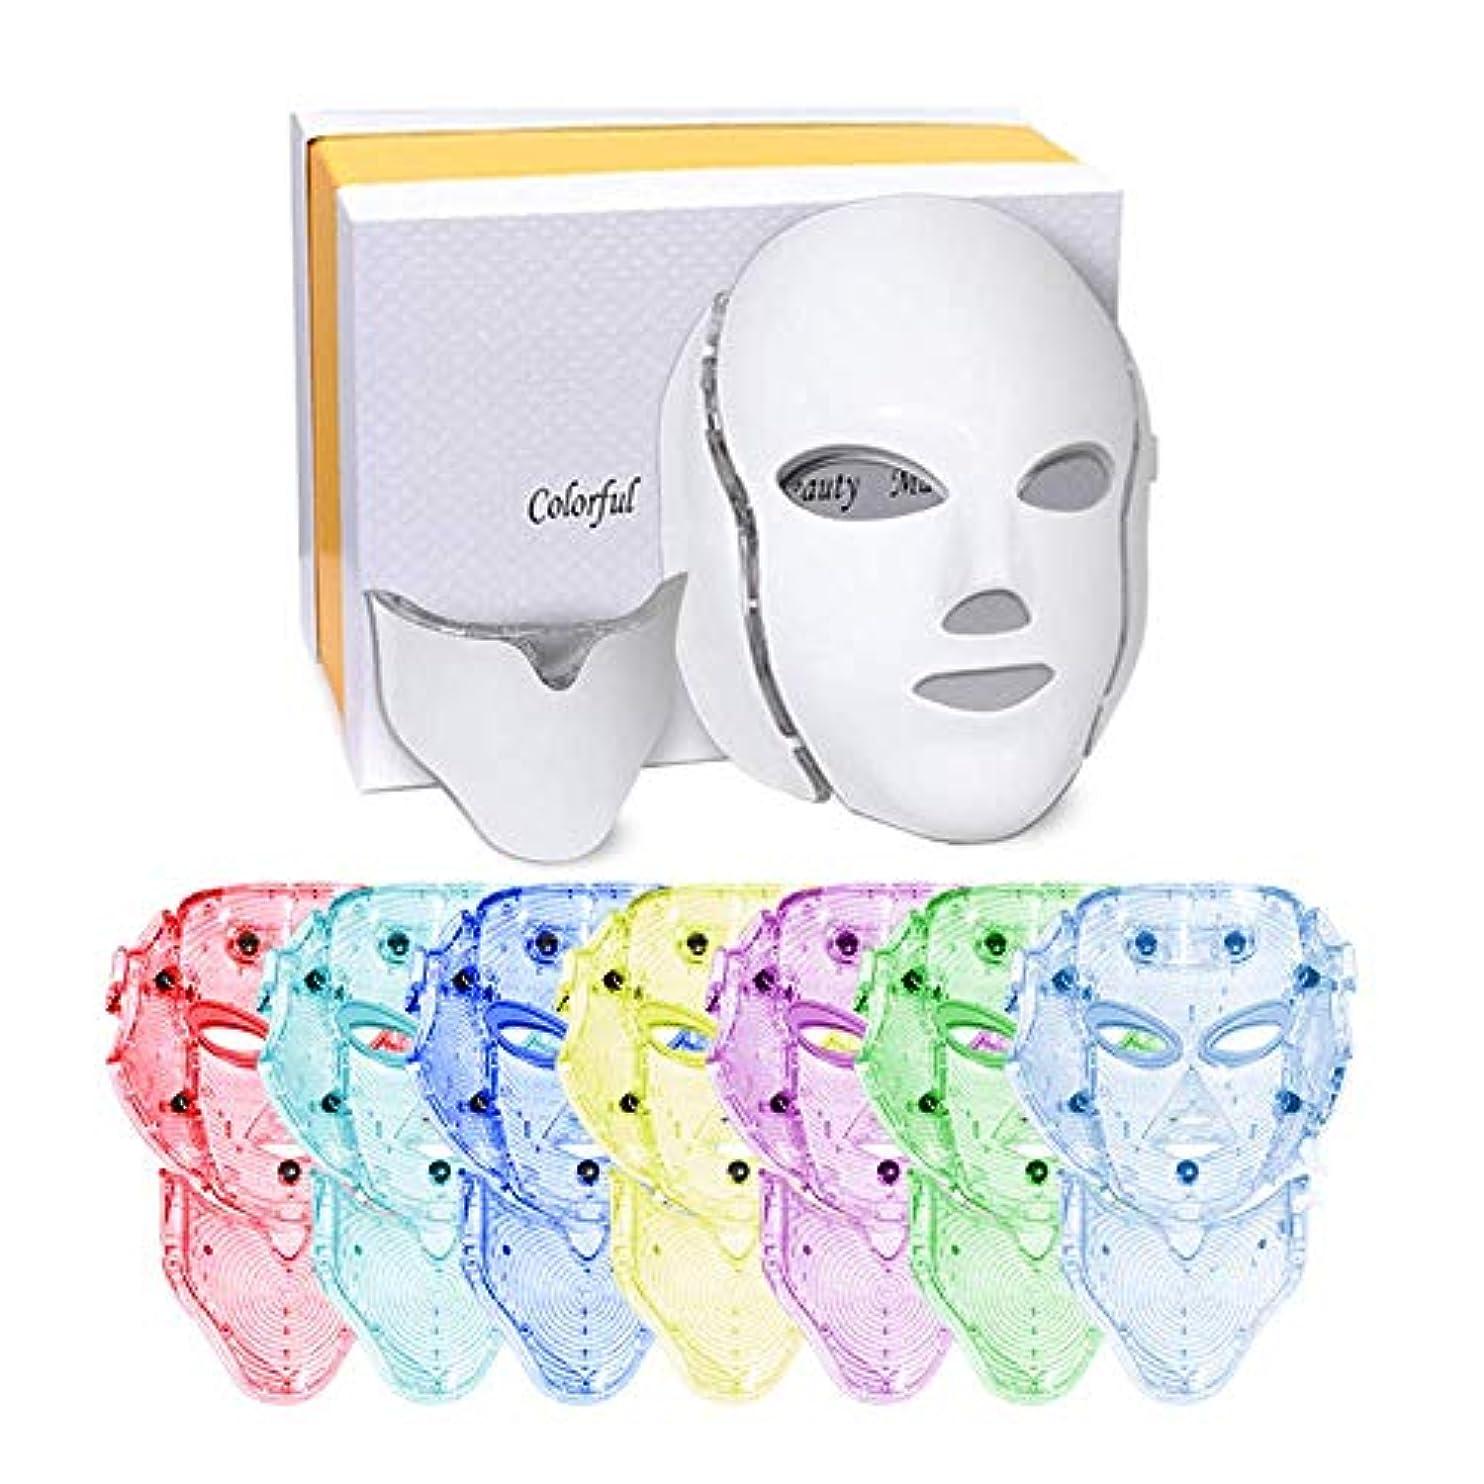 コストビバ決定的7色ledフォトンフェイシャルネックマスクEMSマイクロカレントセラピー肌の若返りしわ除去フェイスネック美容LEDマスク